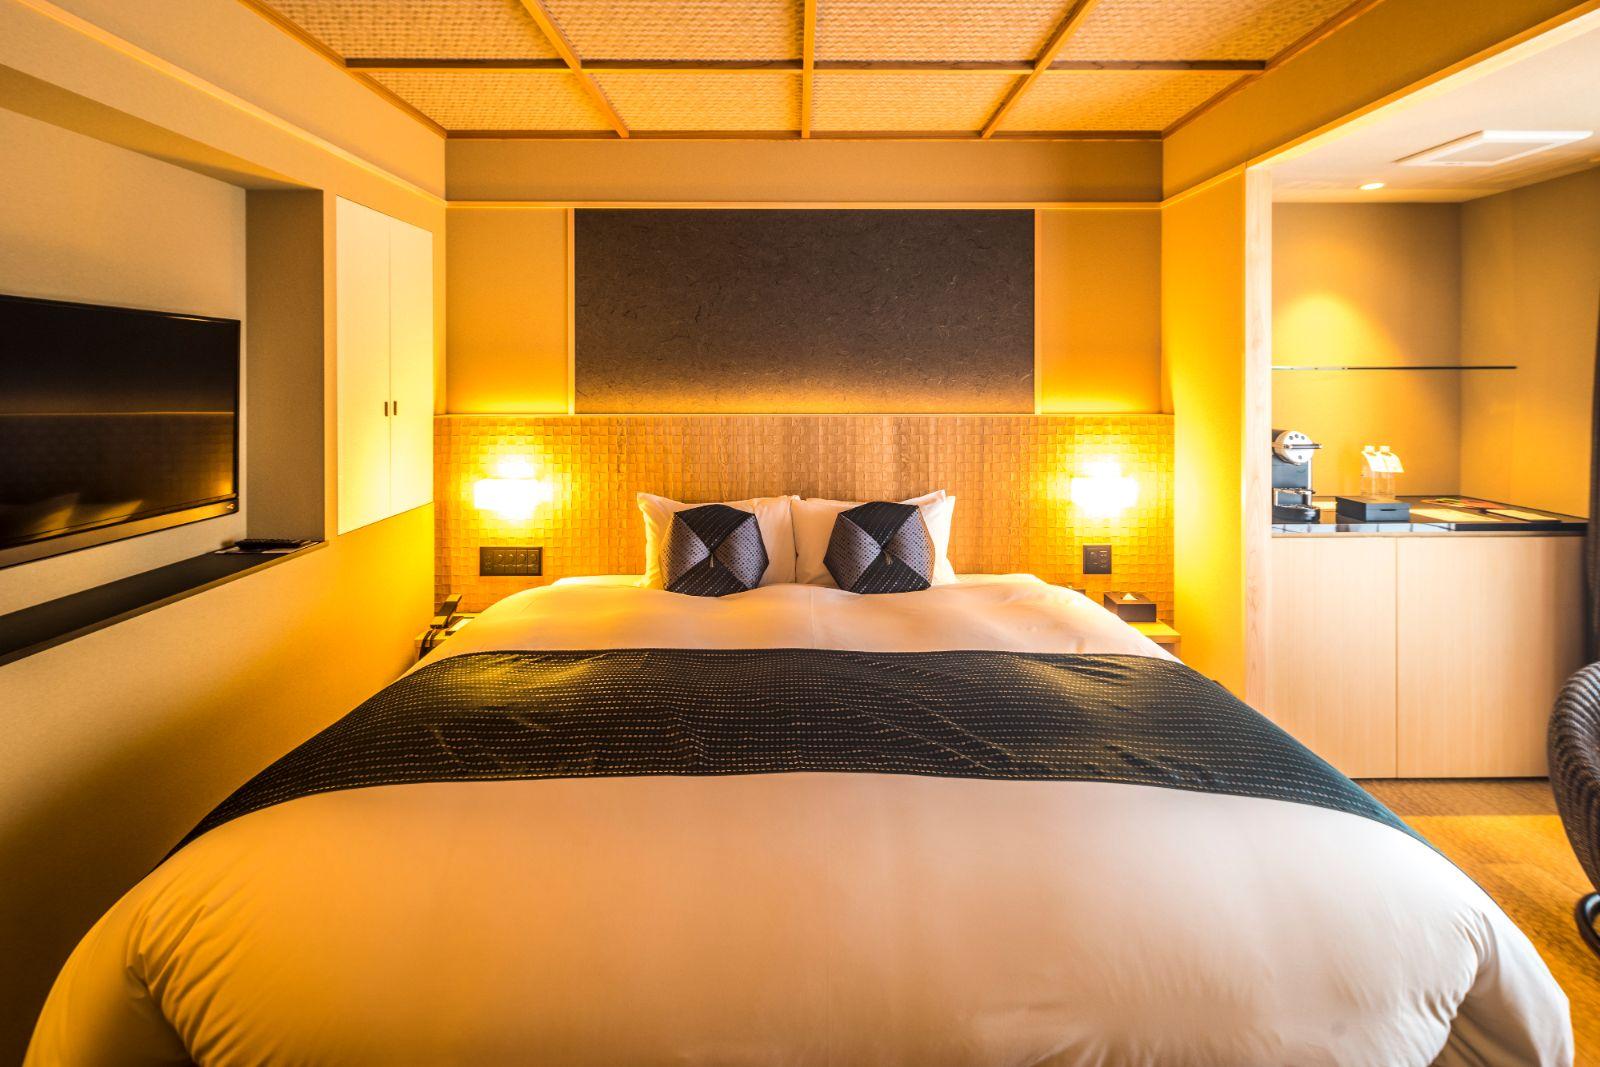 ホテル椛(ナギ)京都嵐山